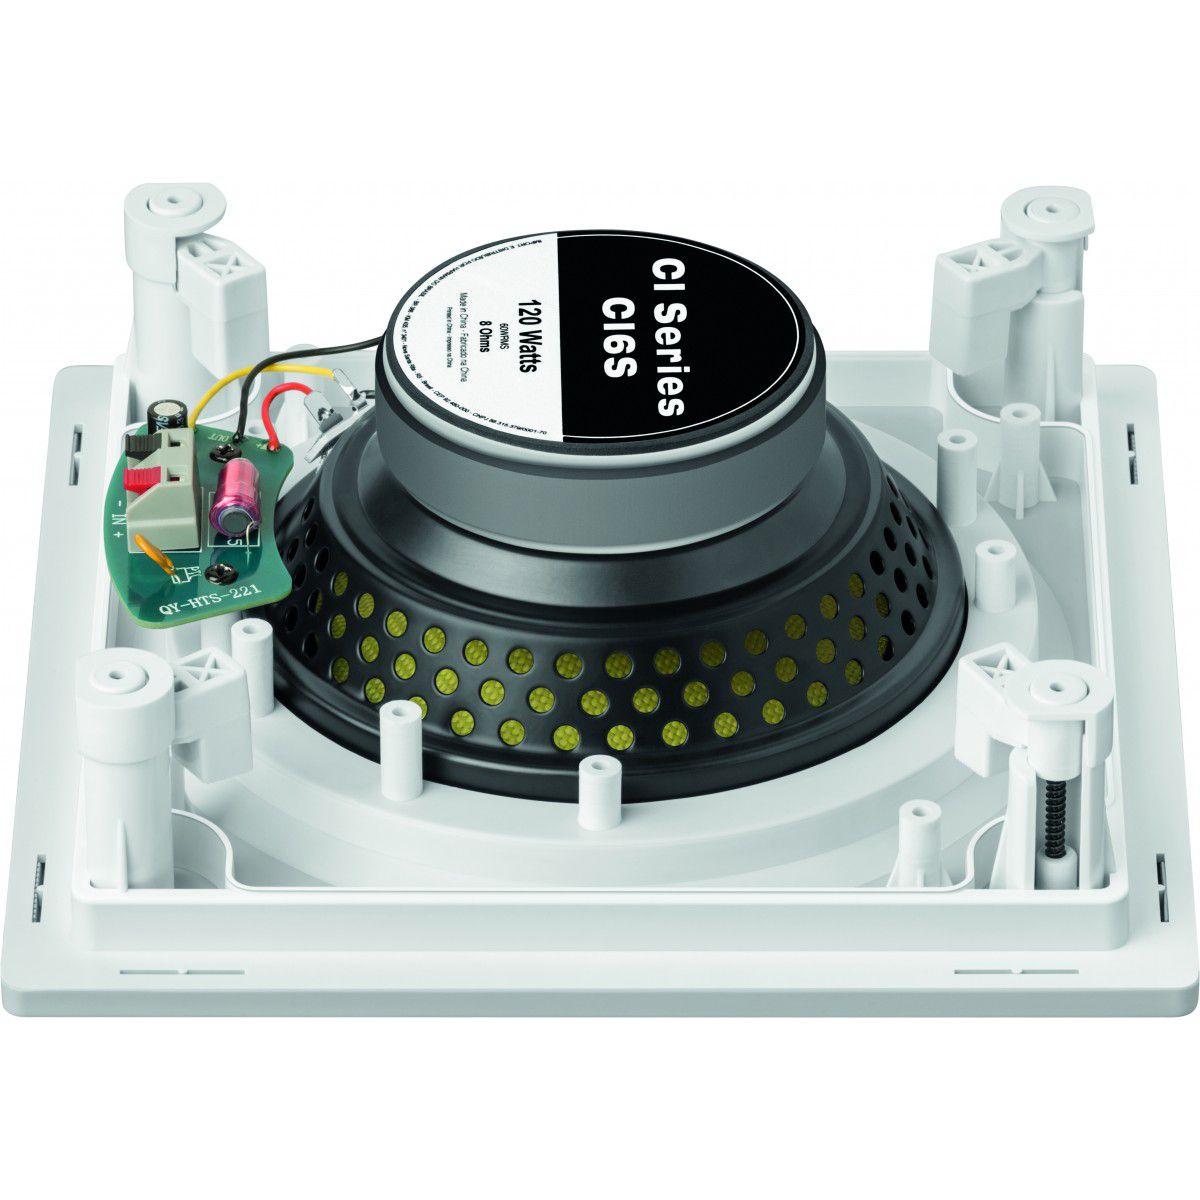 Caixa Acústica de Embutir Quadrada Plana 120W RMS - CI6S JBL (PAR)